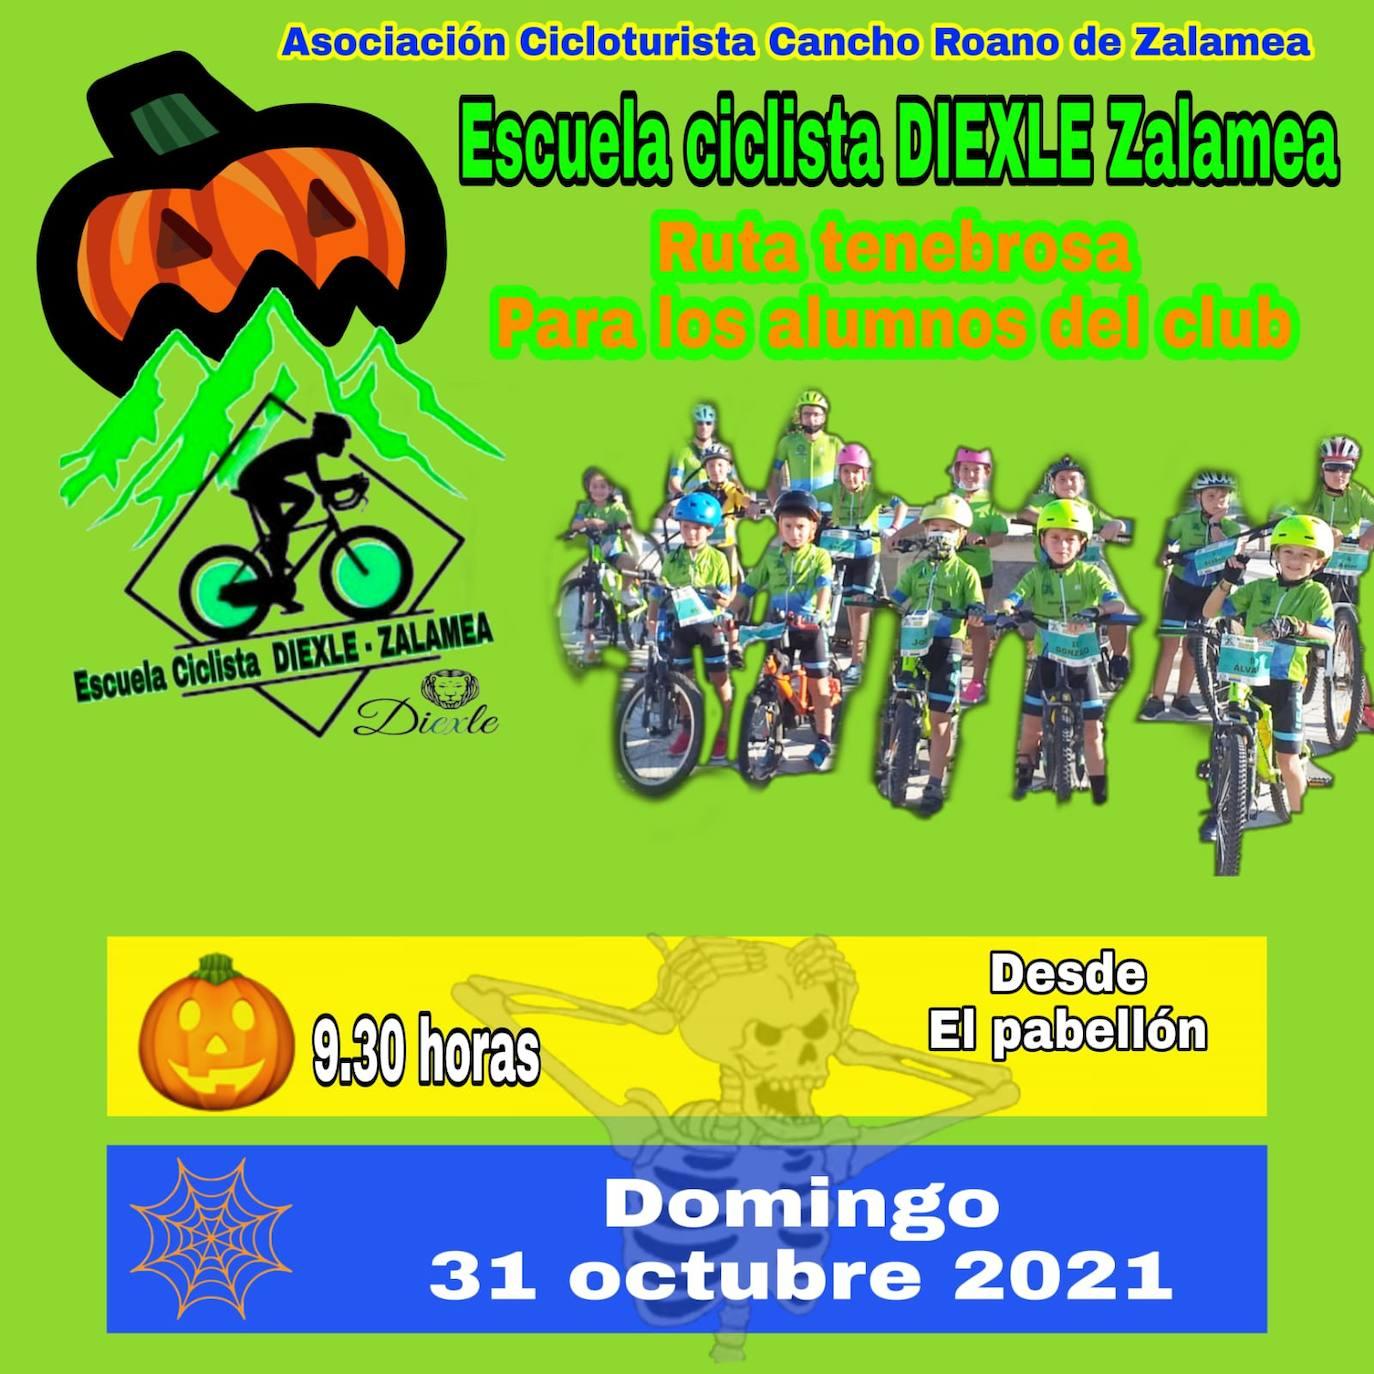 La Escuela Ciclista Diexle Zalamea organiza una 'ruta tenebrosa' para el próximo domingo